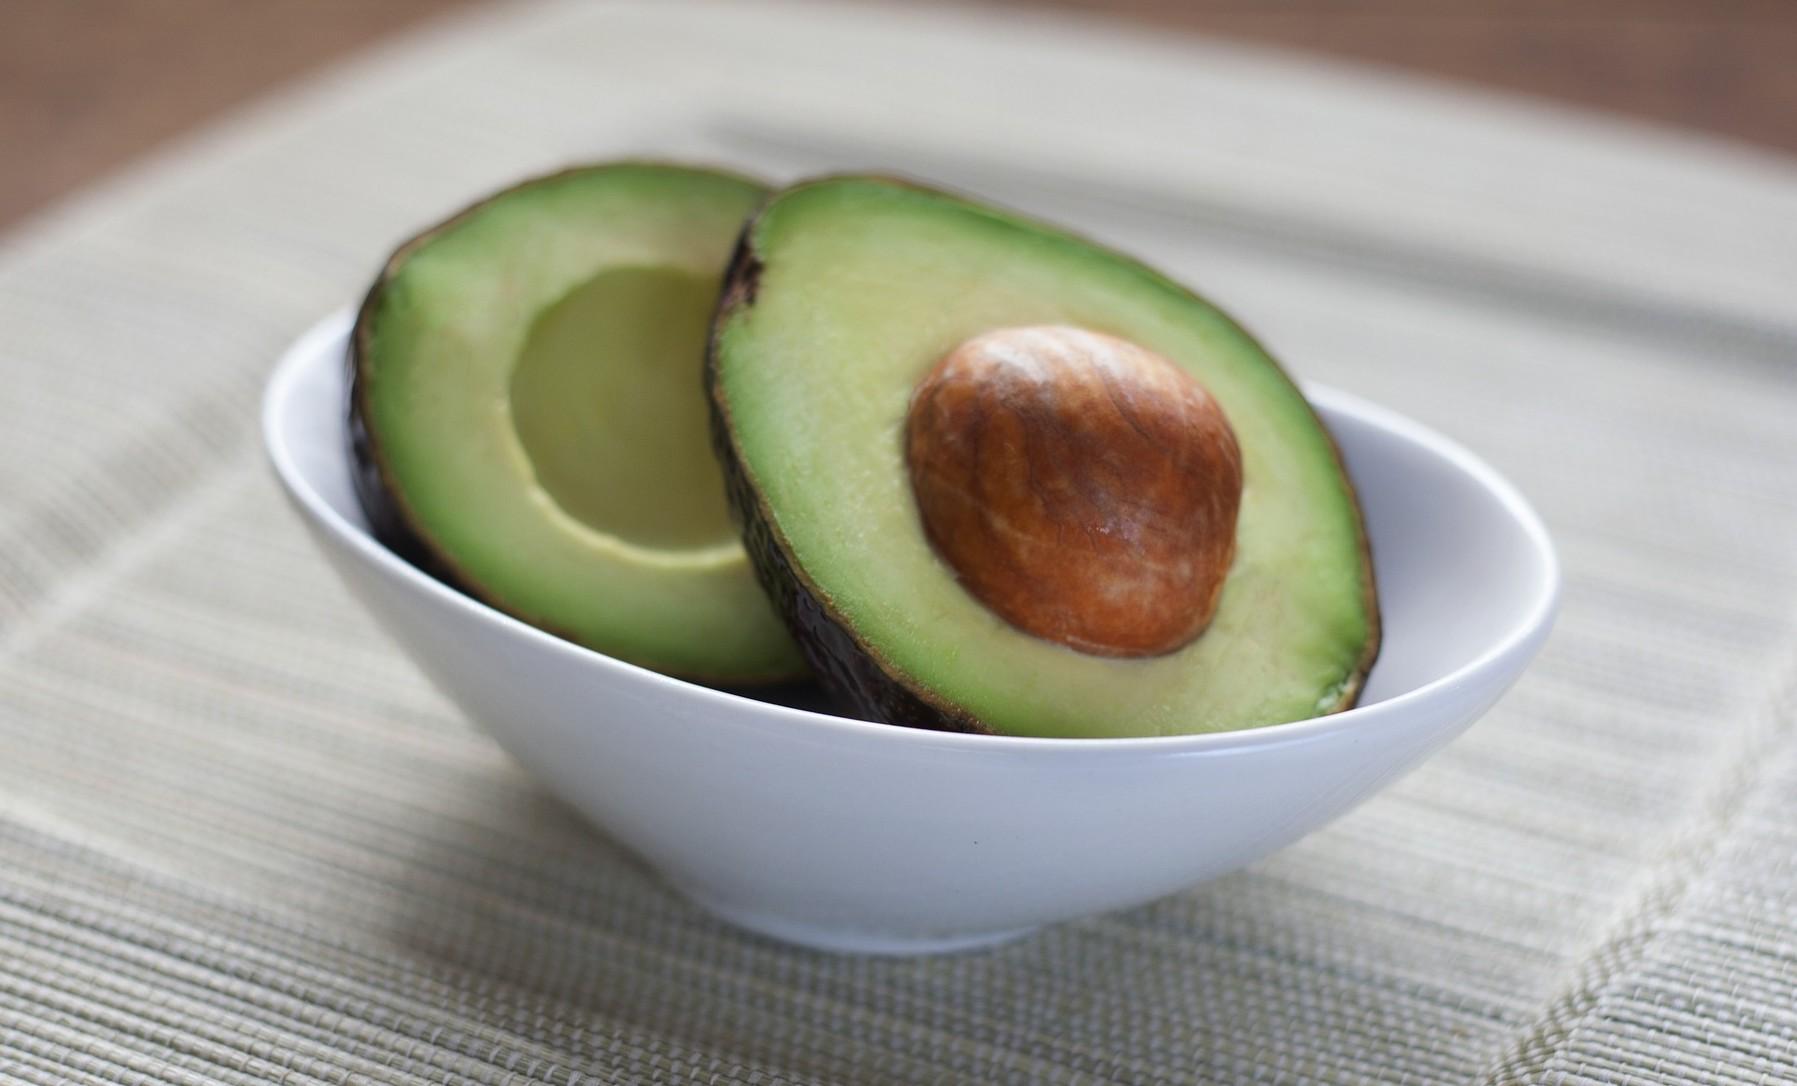 Odla avokado från kärna